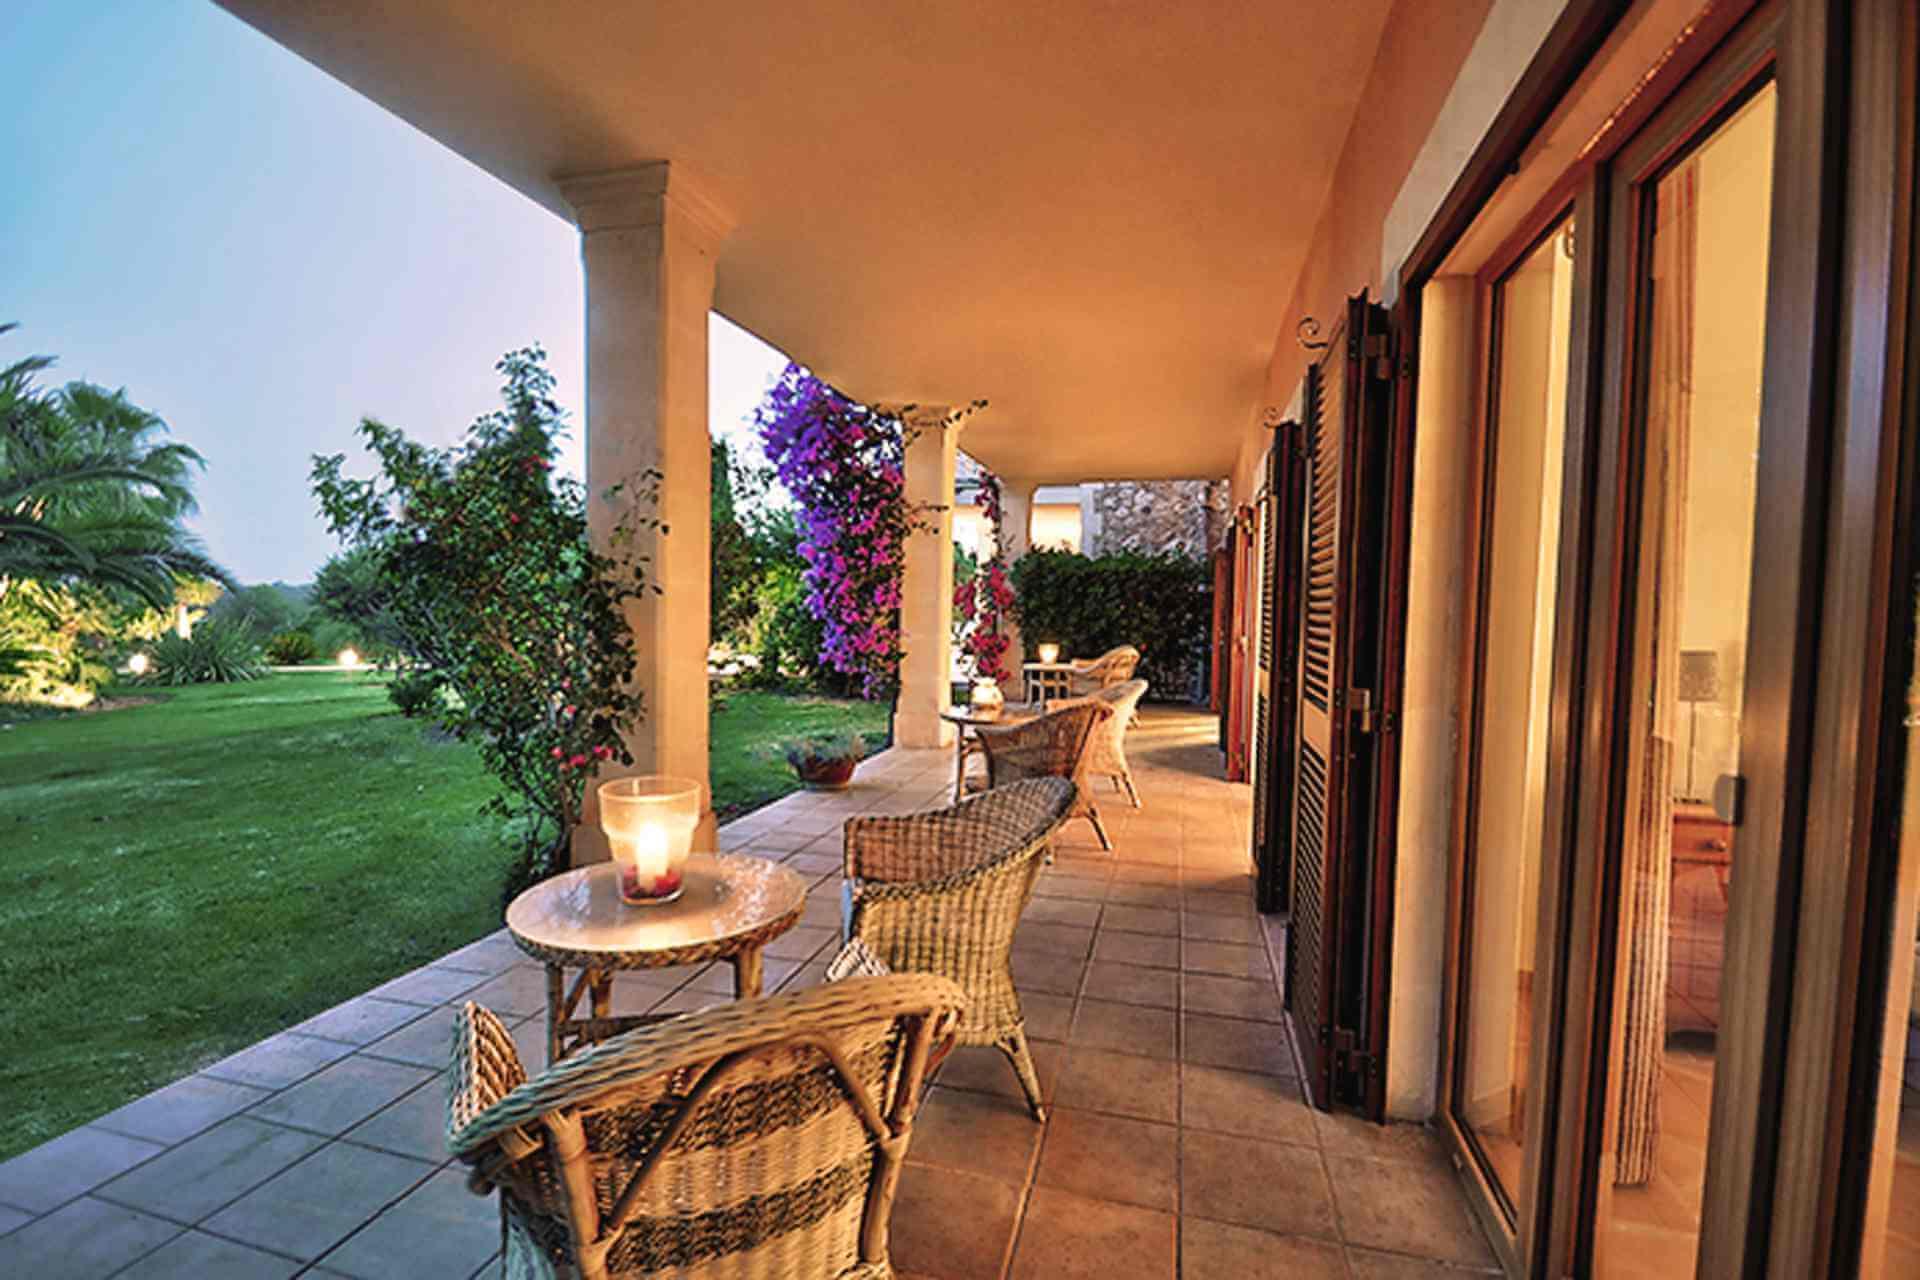 01-319 huge luxury finca mallorca east Bild 11